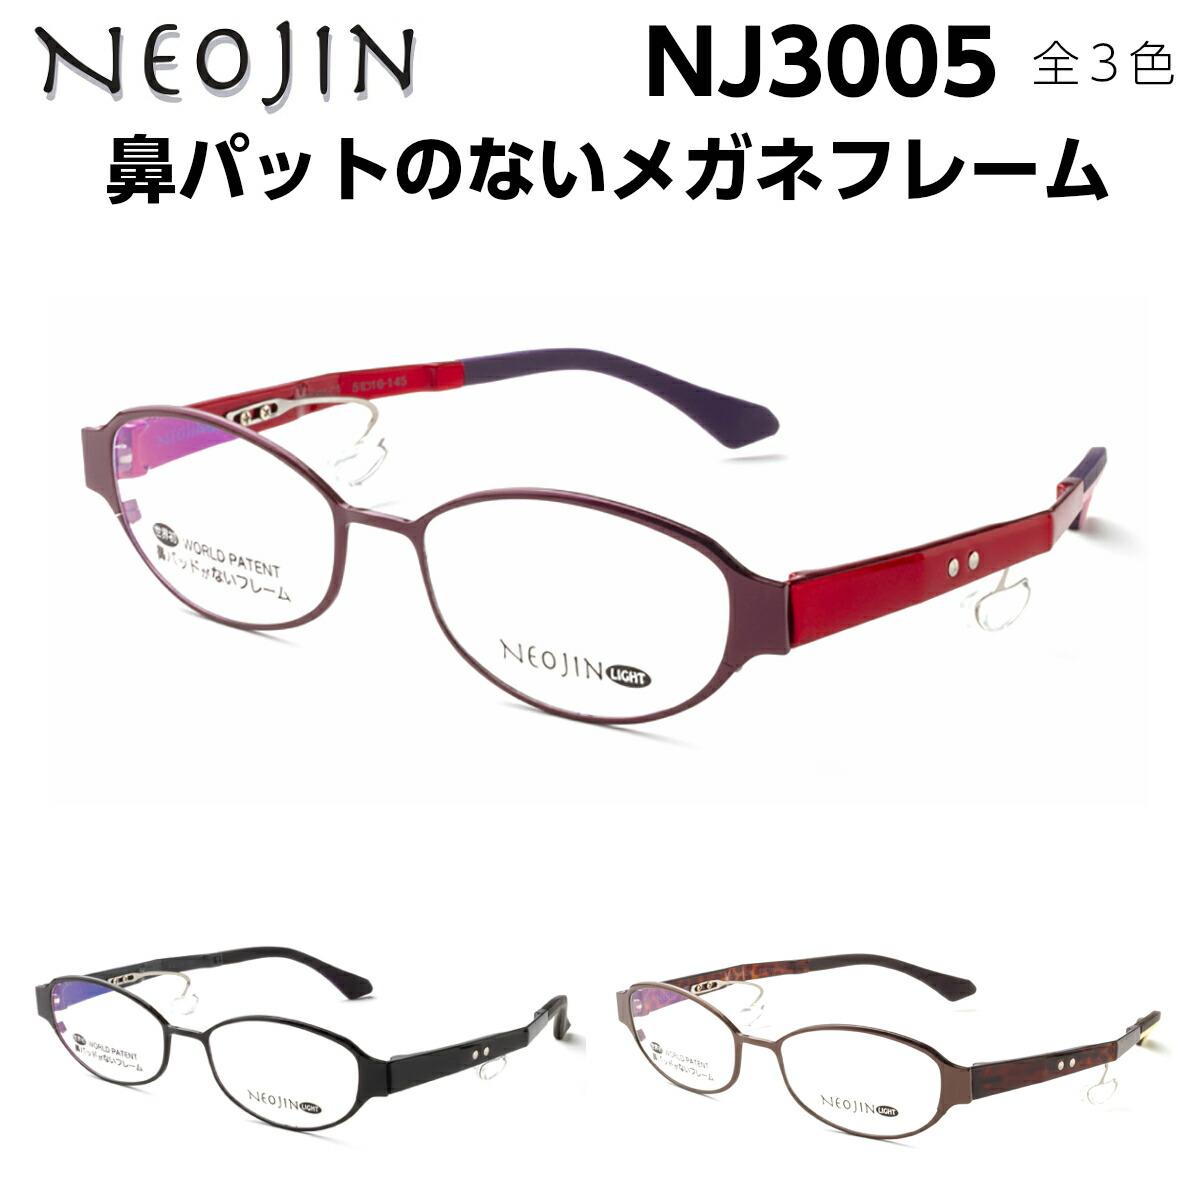 NEOJIN ネオジン 鼻パットがないメガネ NJ3005 全3色 neojin メンズ レディース ユニセックス パットがない 化粧が落ちない 跡 なし 形状記憶 ウルテム めがね 眼鏡 メガネ 度付き対応 おしゃれ